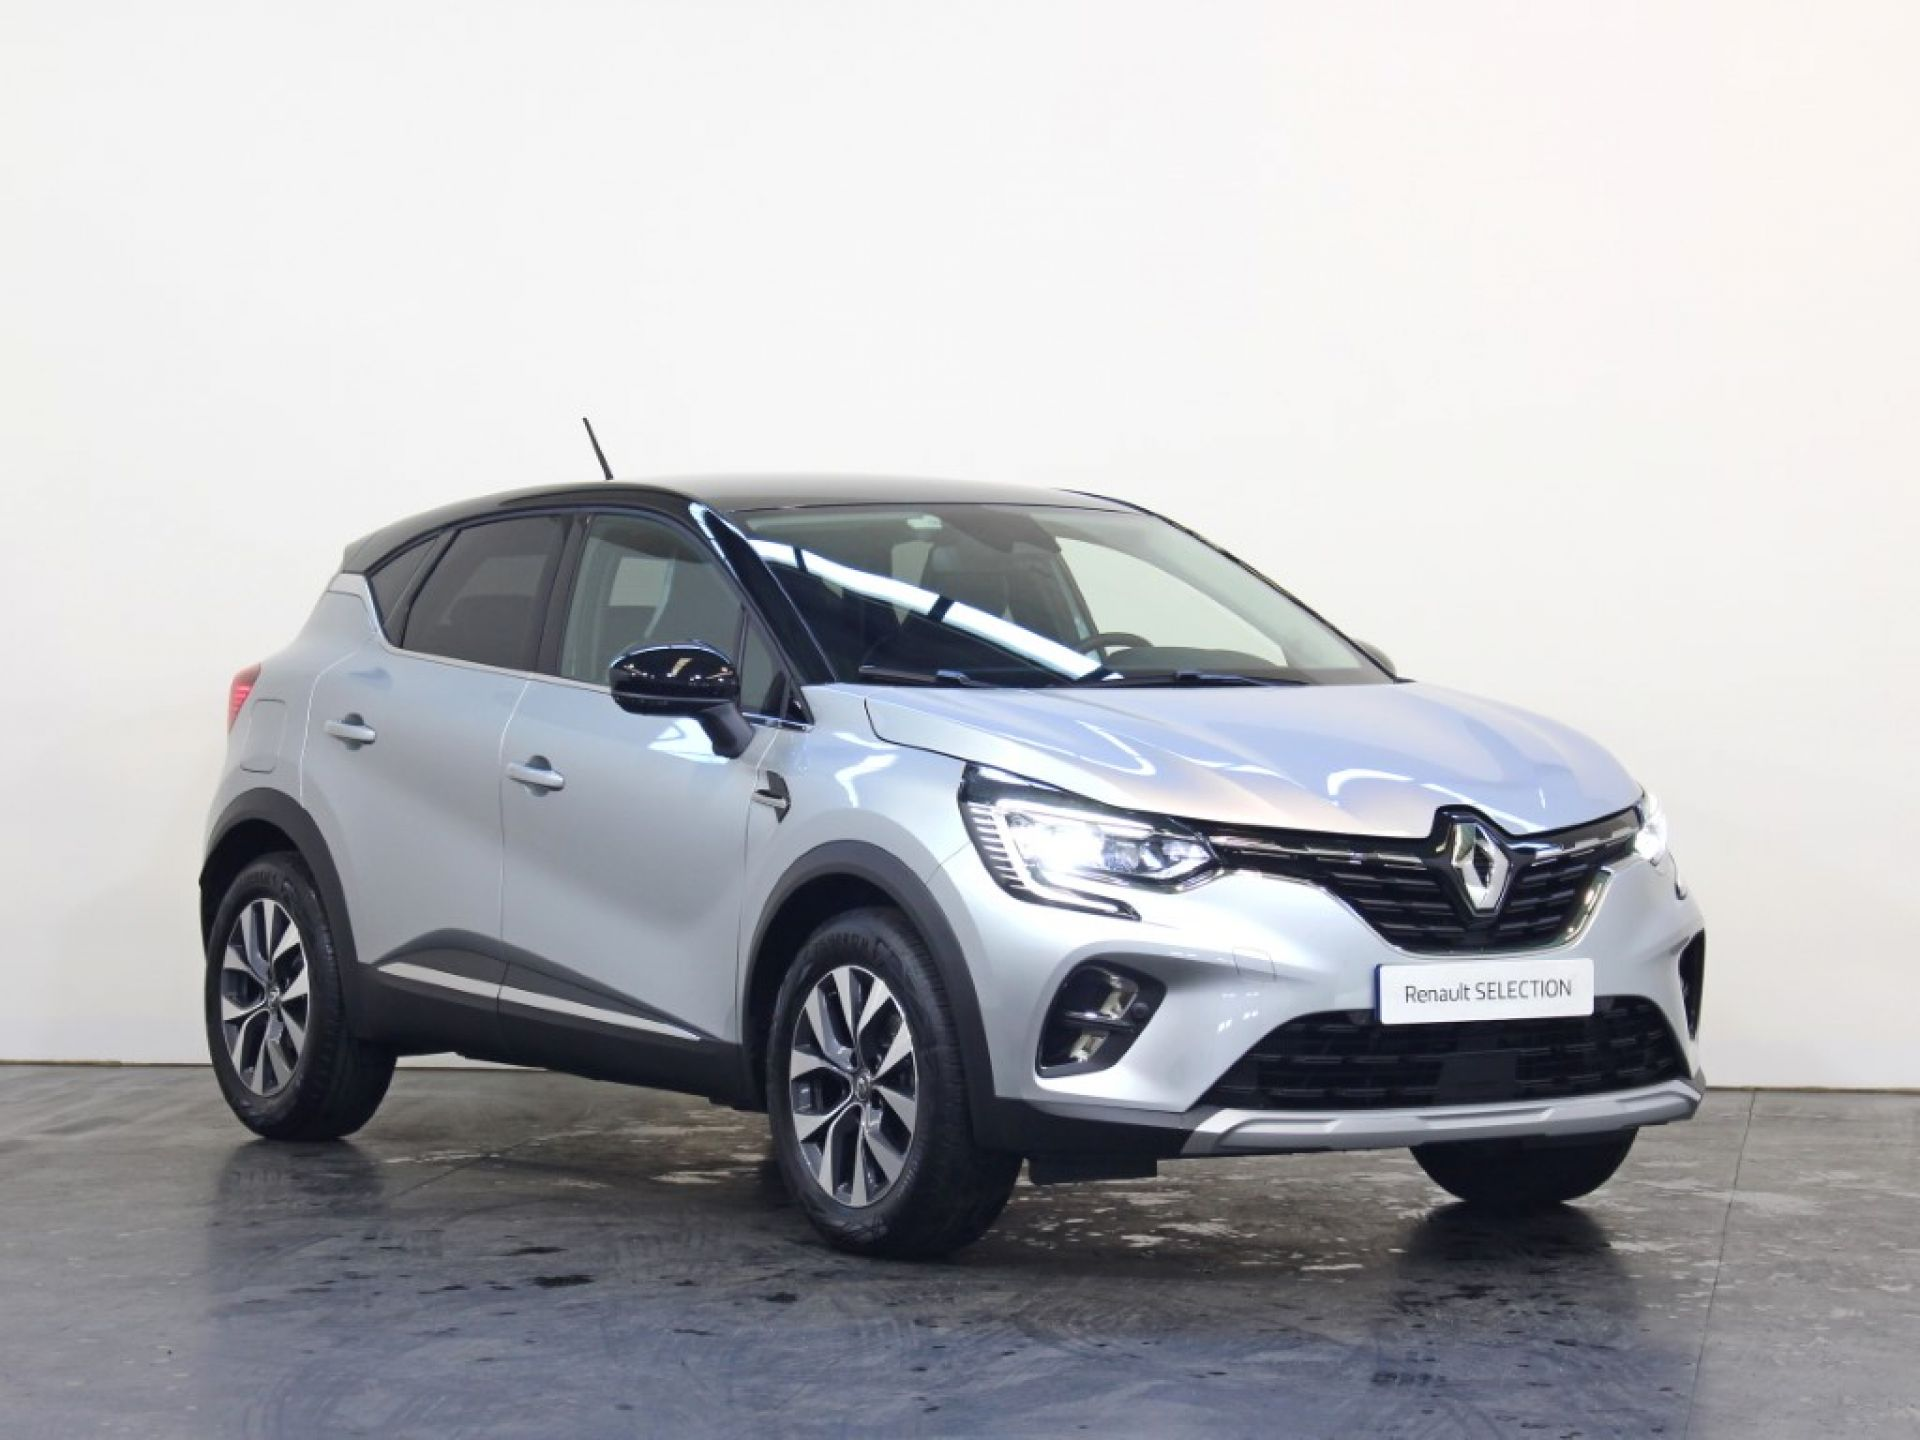 Renault Captur 1.5 Blue dCi 115 Exclusive segunda mão Porto